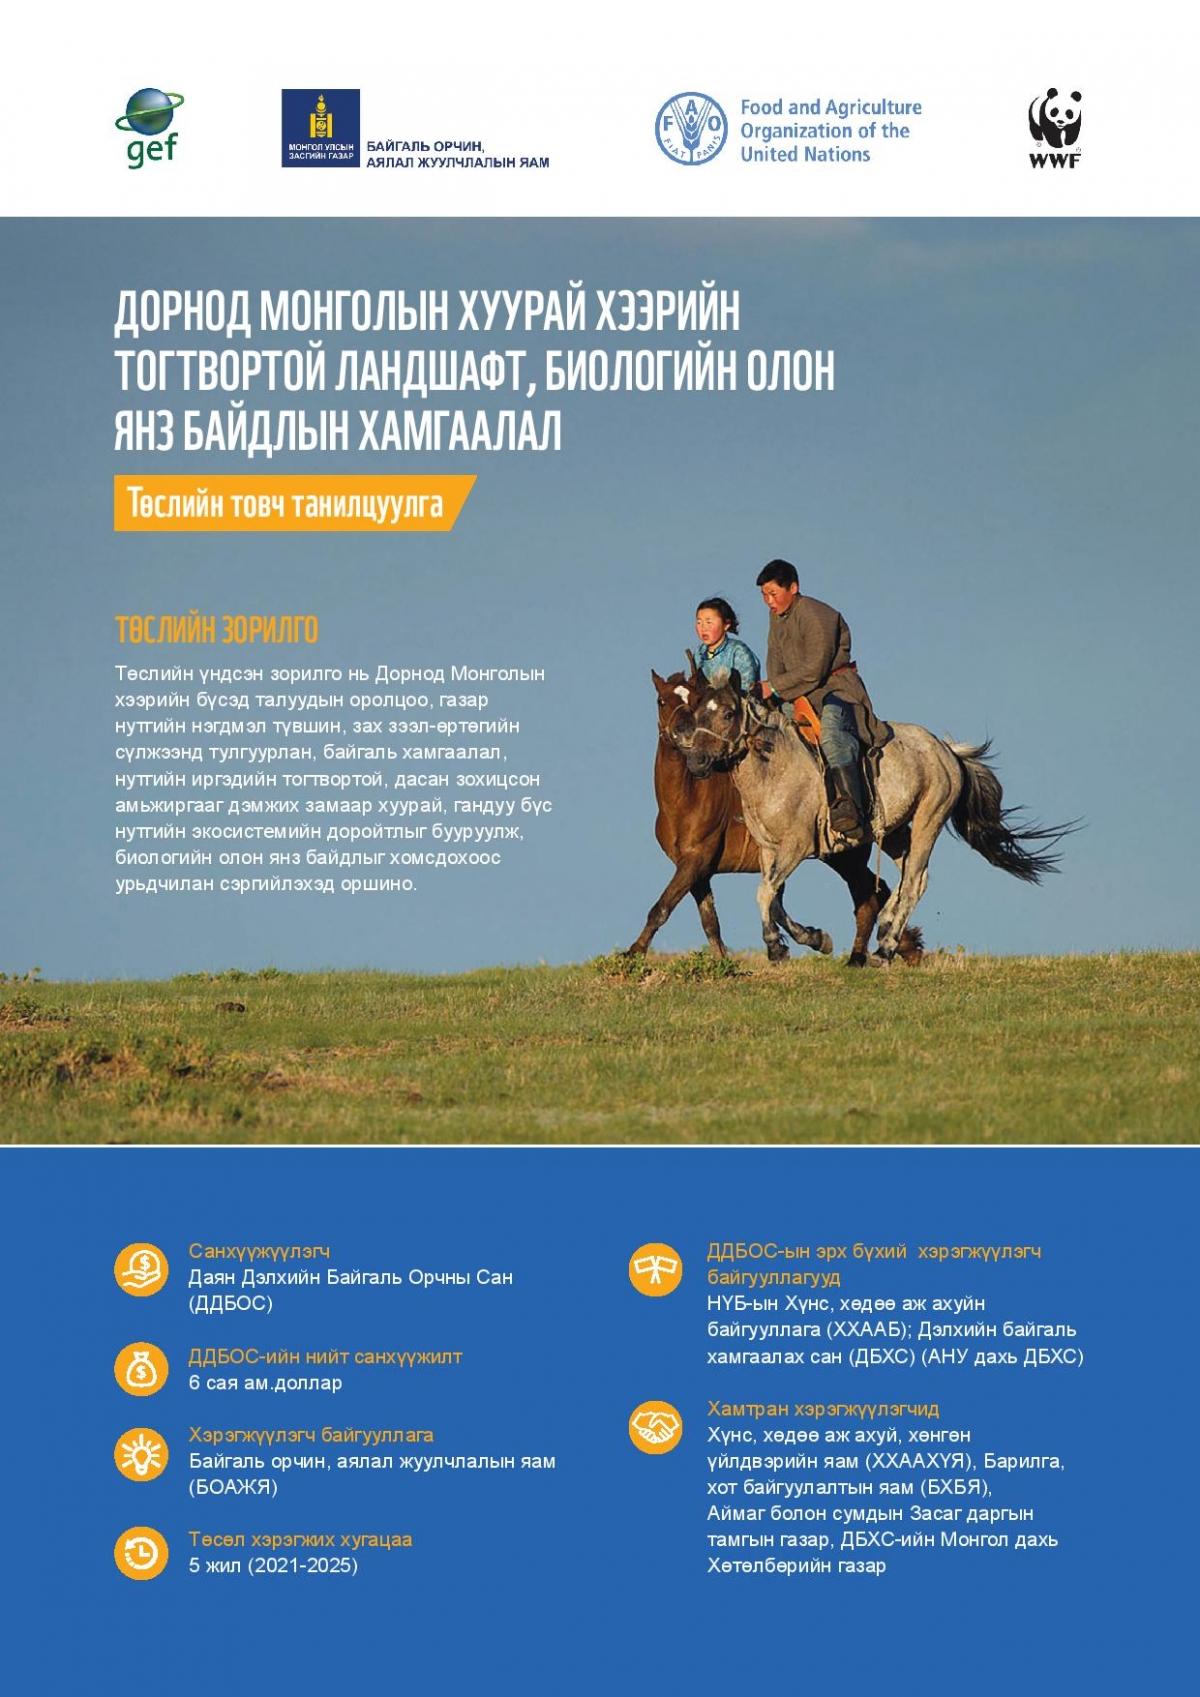 Дорнод Монголын хуурай хээрийн тогтвортой ландшафт, биологийн олон янз байдлын хамгаалал төсөл